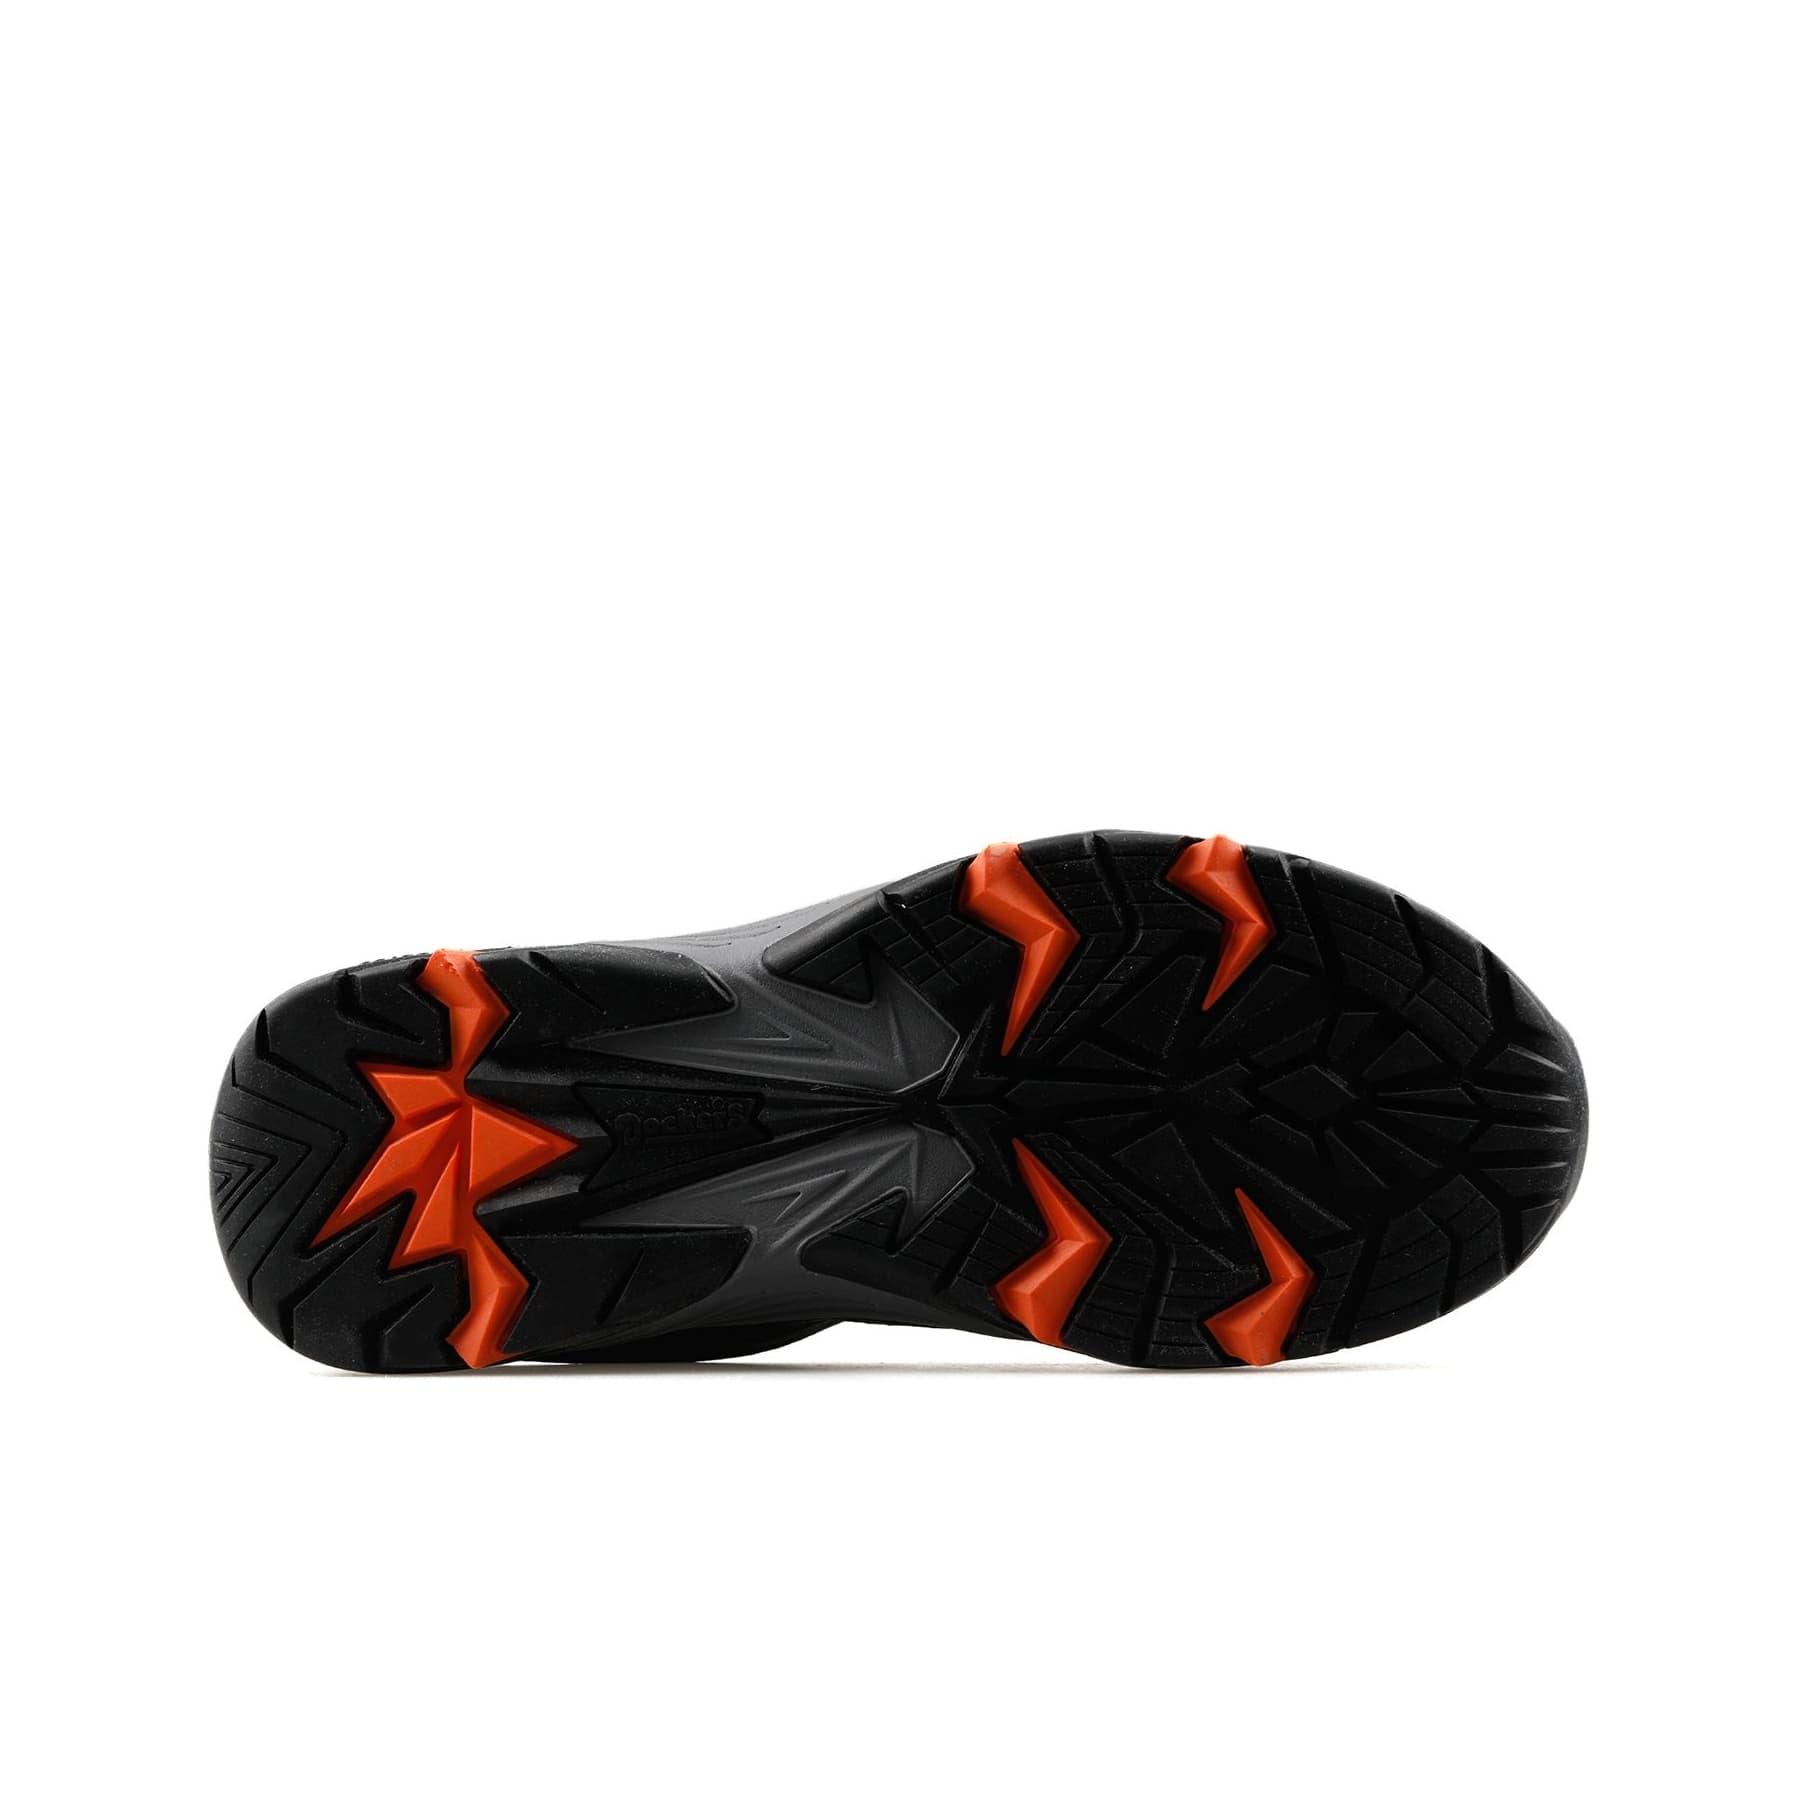 225501 Kadın Siyah Outdoor Ayakkabı